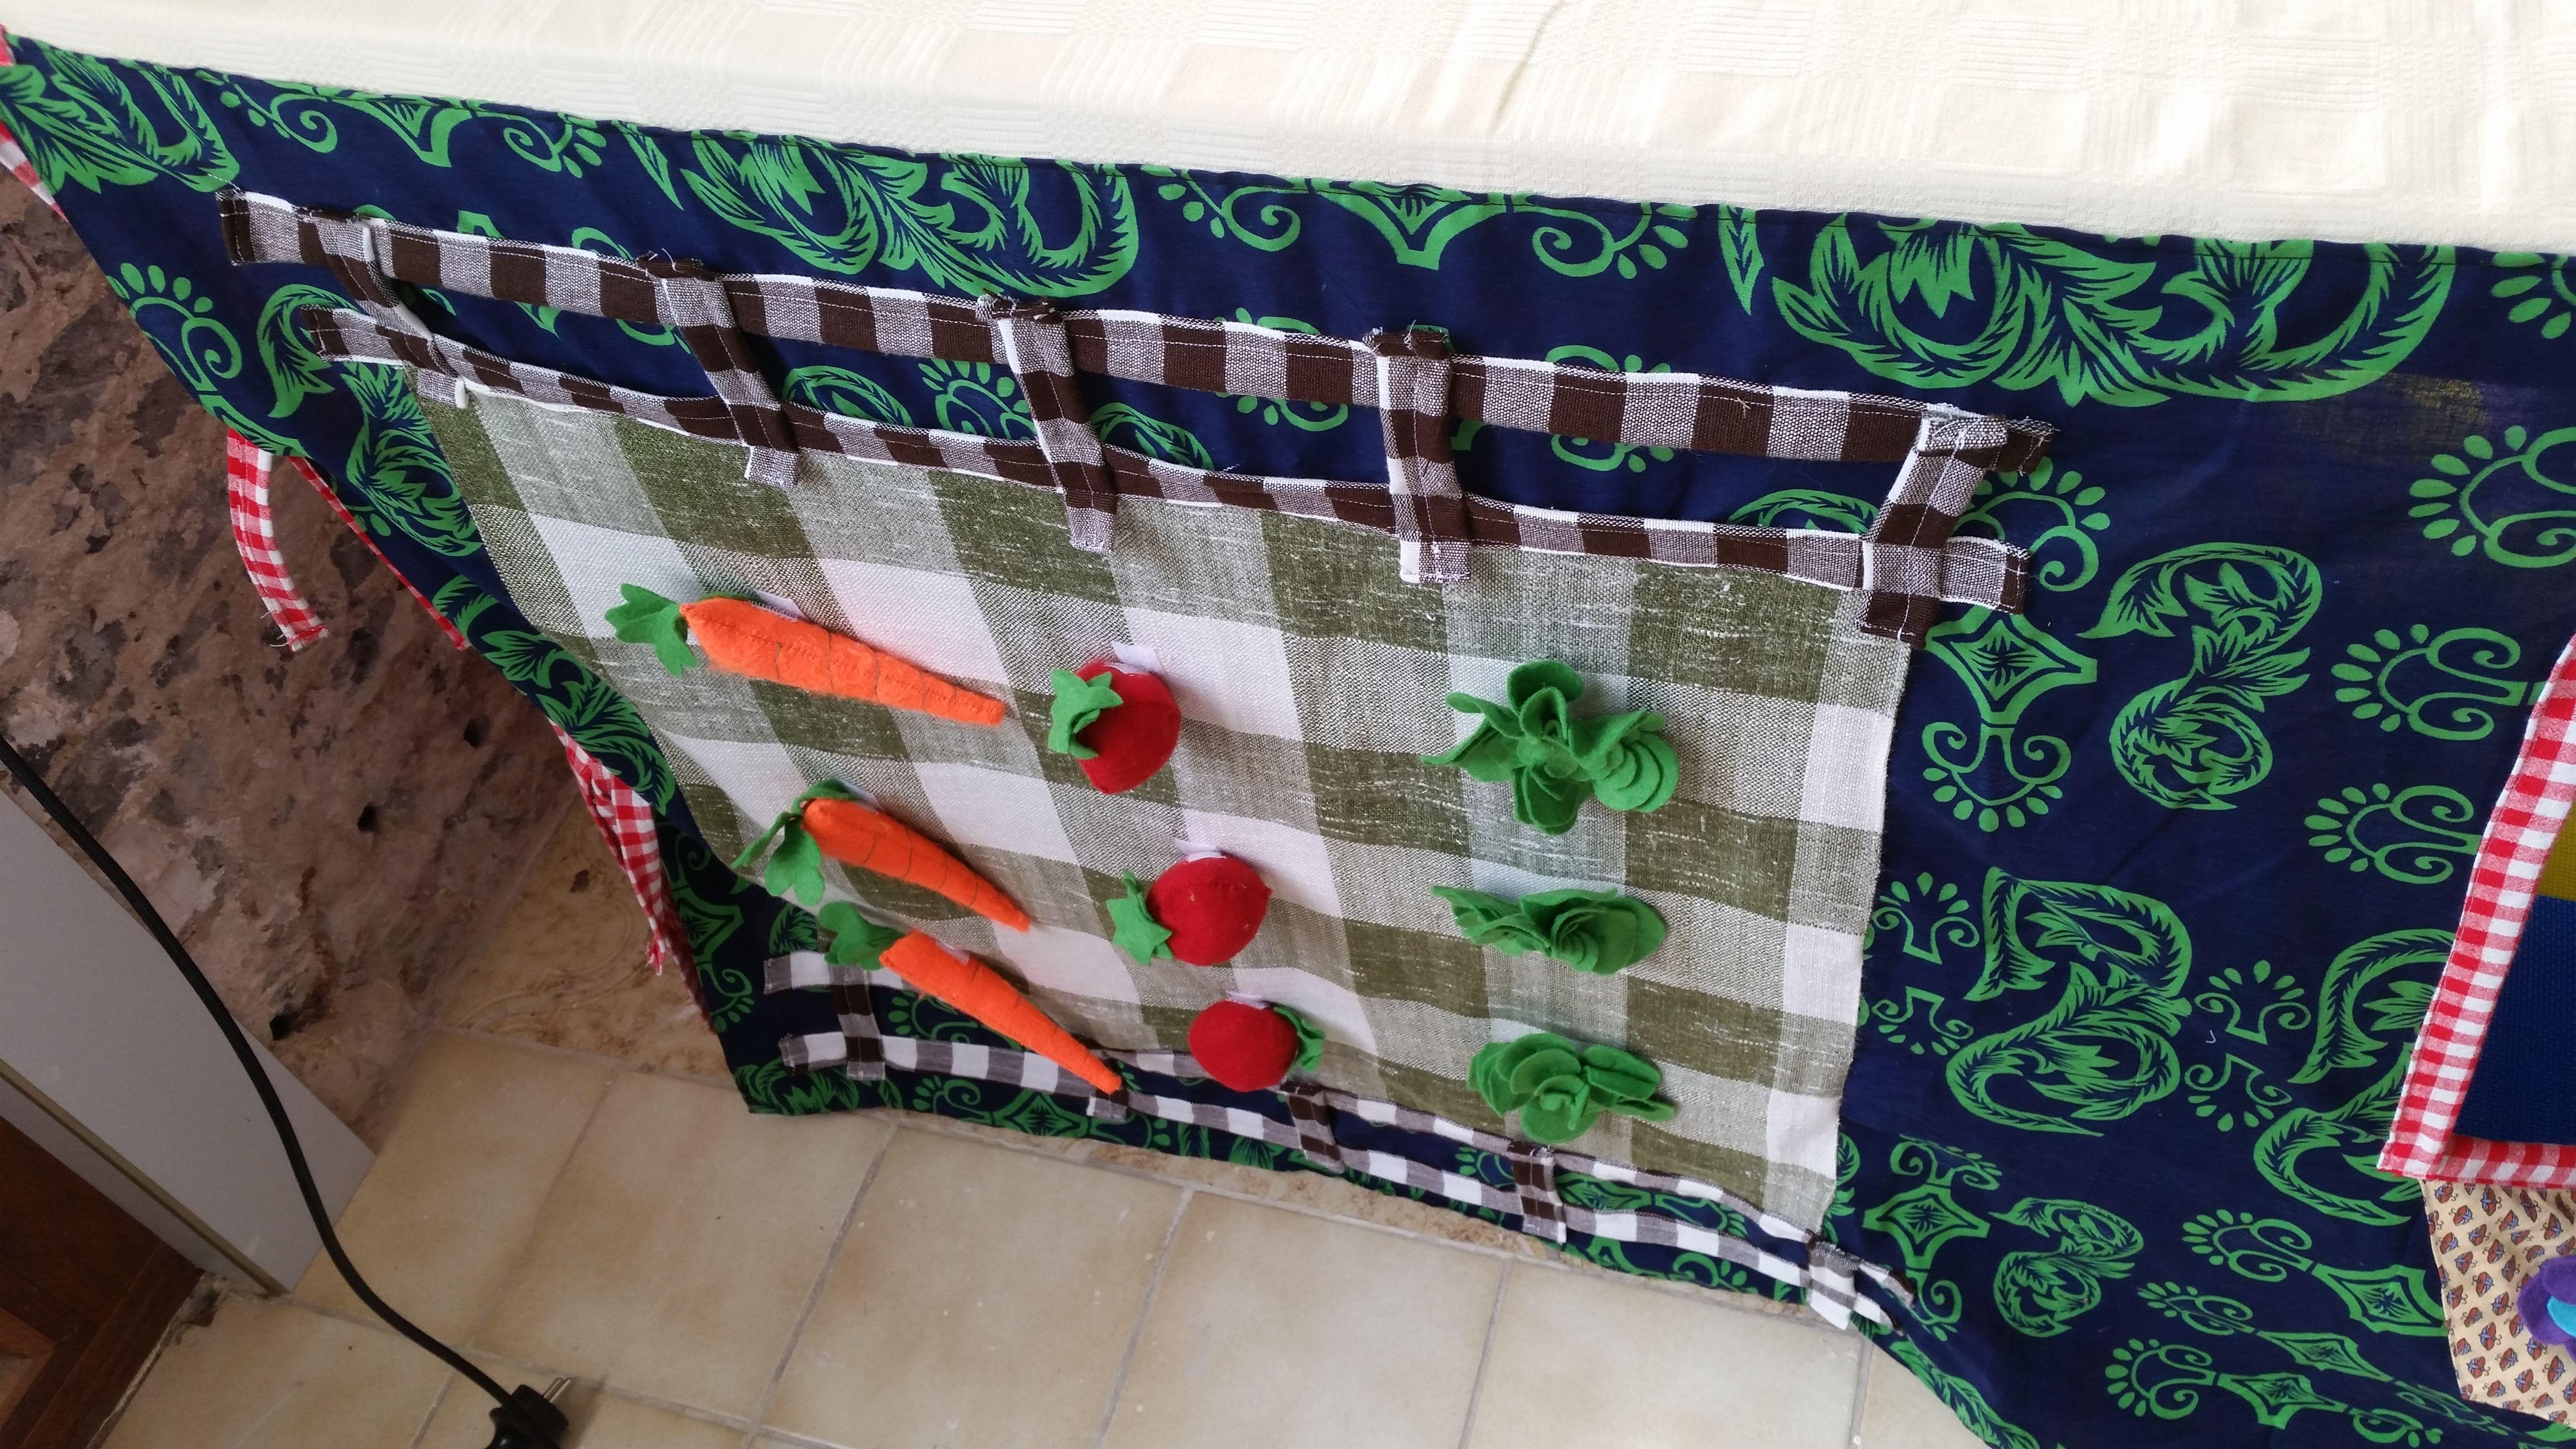 Moestuin met Sla, aardbei en wortel in vilt met velcro